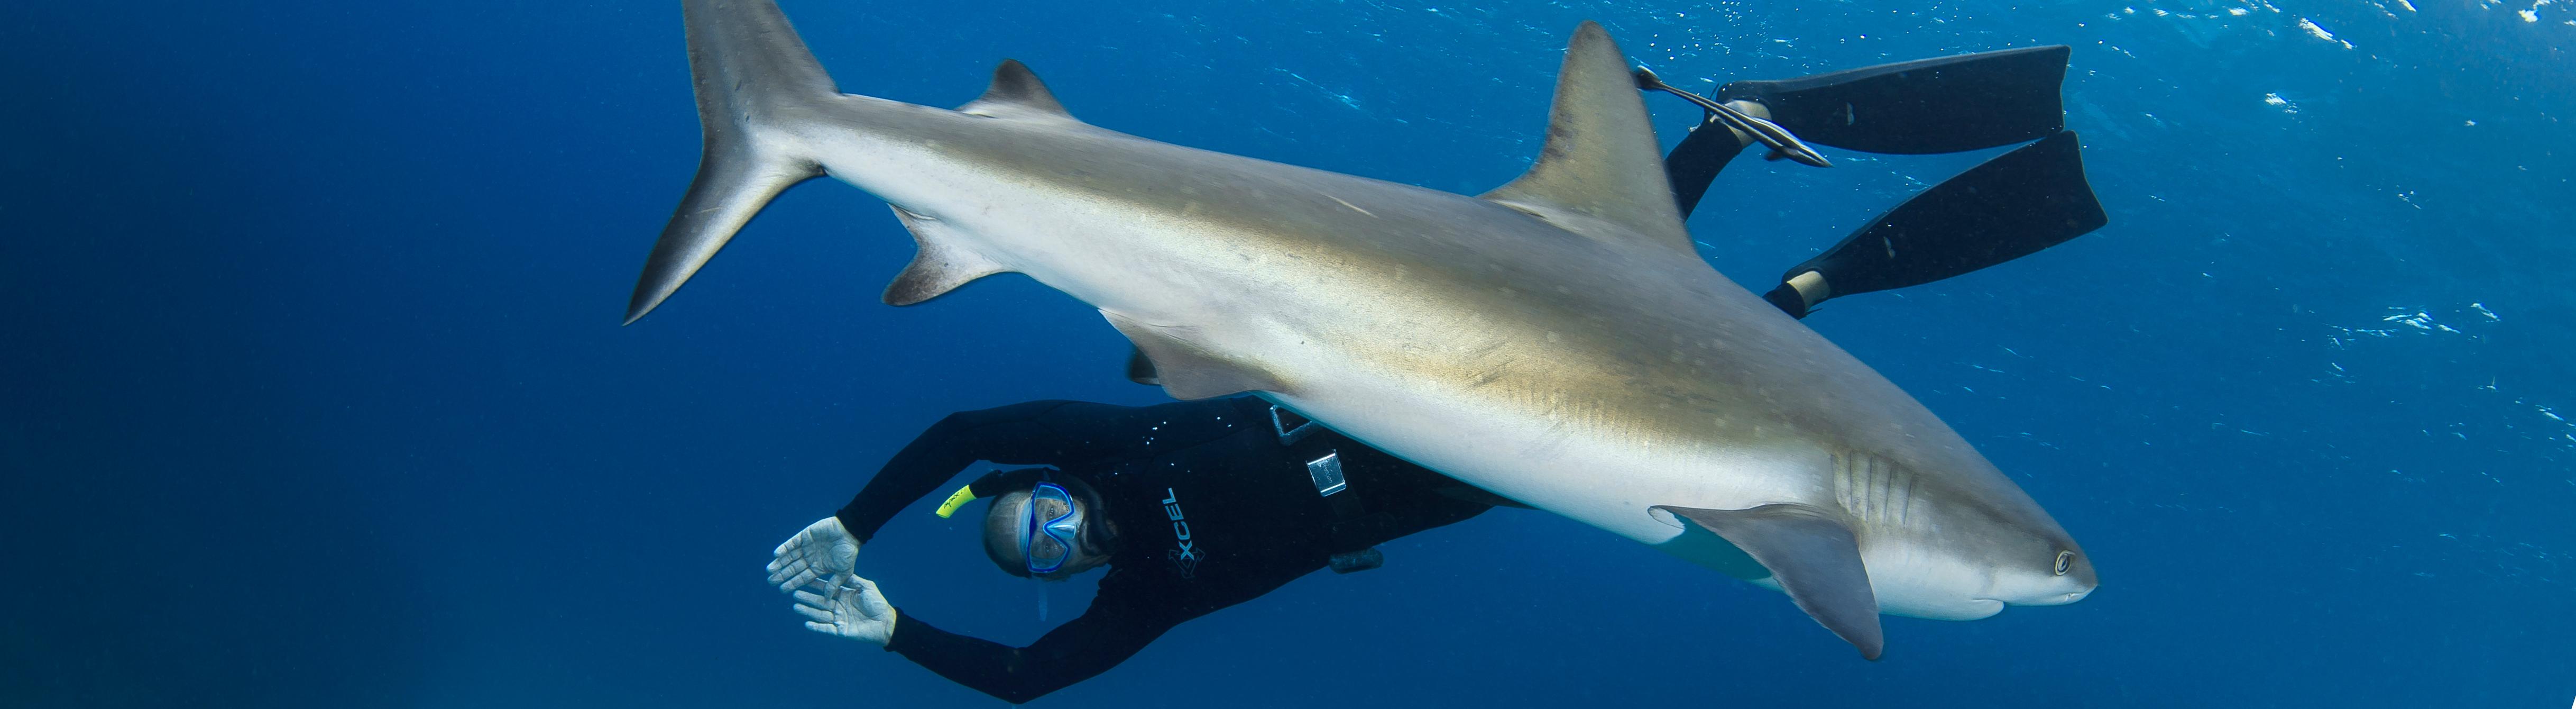 Hai-Experte Erich Ritter taucht mit einem Hai.